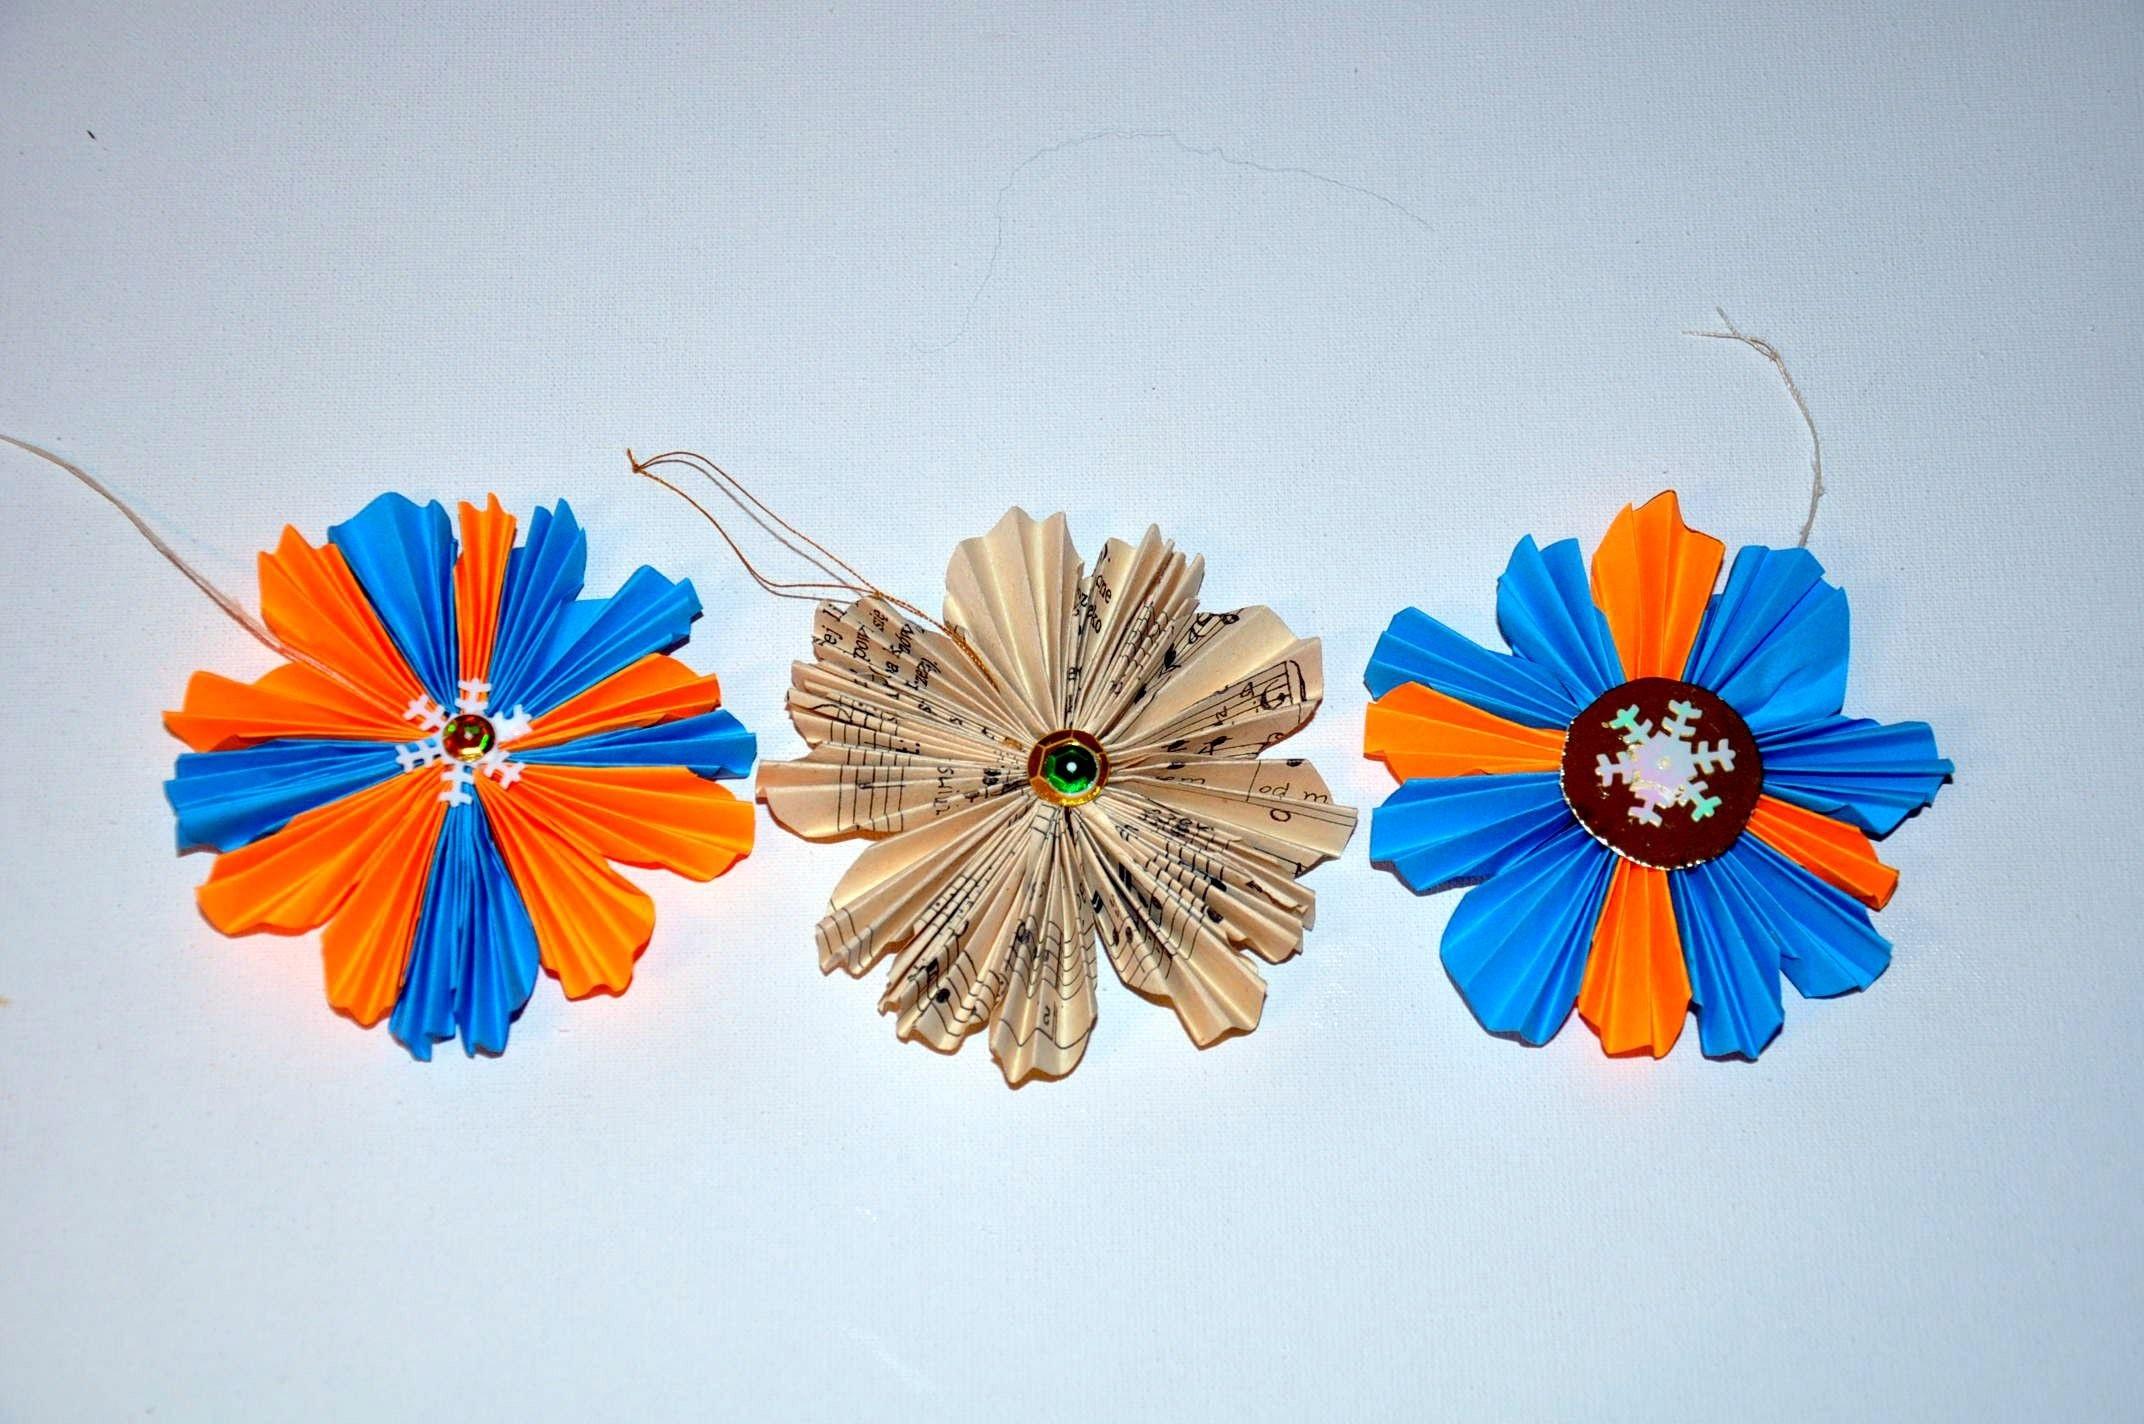 Ozdoby na choinkę z papieru  Paper Christmas ornaments DIY